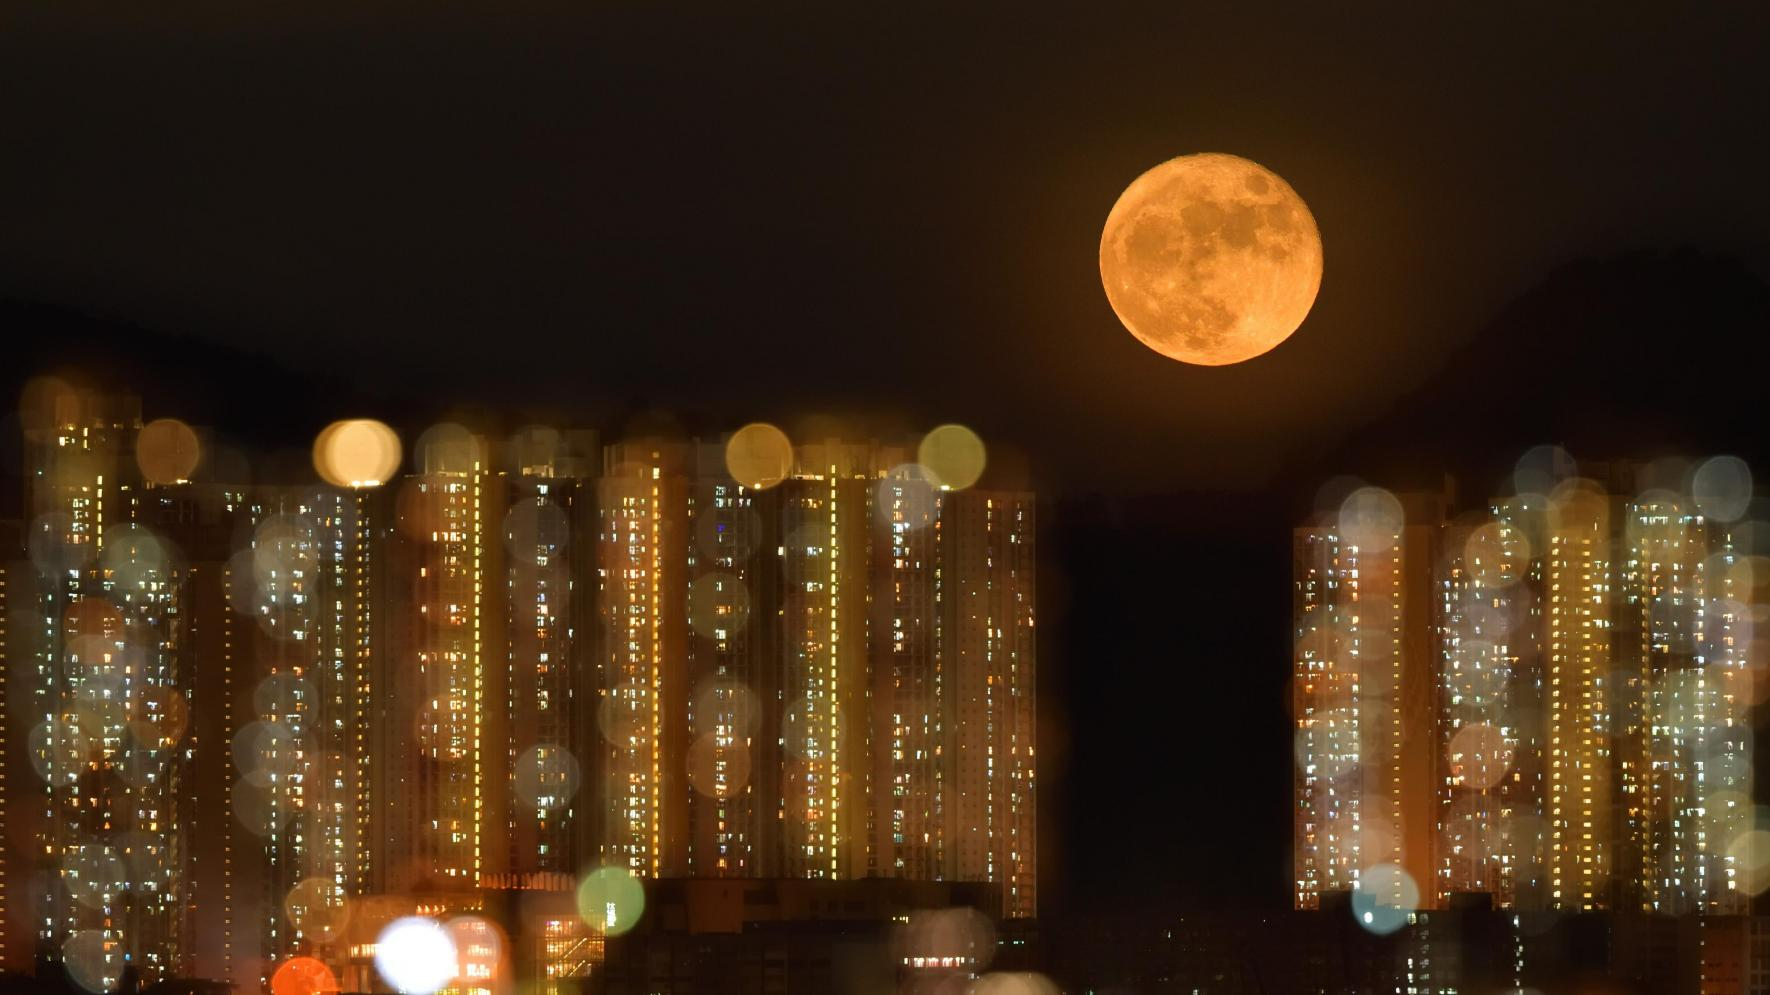 Ο Κιμ Παν και ο Ντένις Γουόνγκ κέρδισαν την τιμητική διάκριση στην κατηγορία Τοπίο για αυτή τη φωτογραφία που τραβήχτηκε στην περιοχή Χονγκ Χομ του Χονγκ Κονγκ τον Αύγουστο. Η ανερχόμενη πανσέληνος φωτογραφήθηκε με διπλή έκθεση